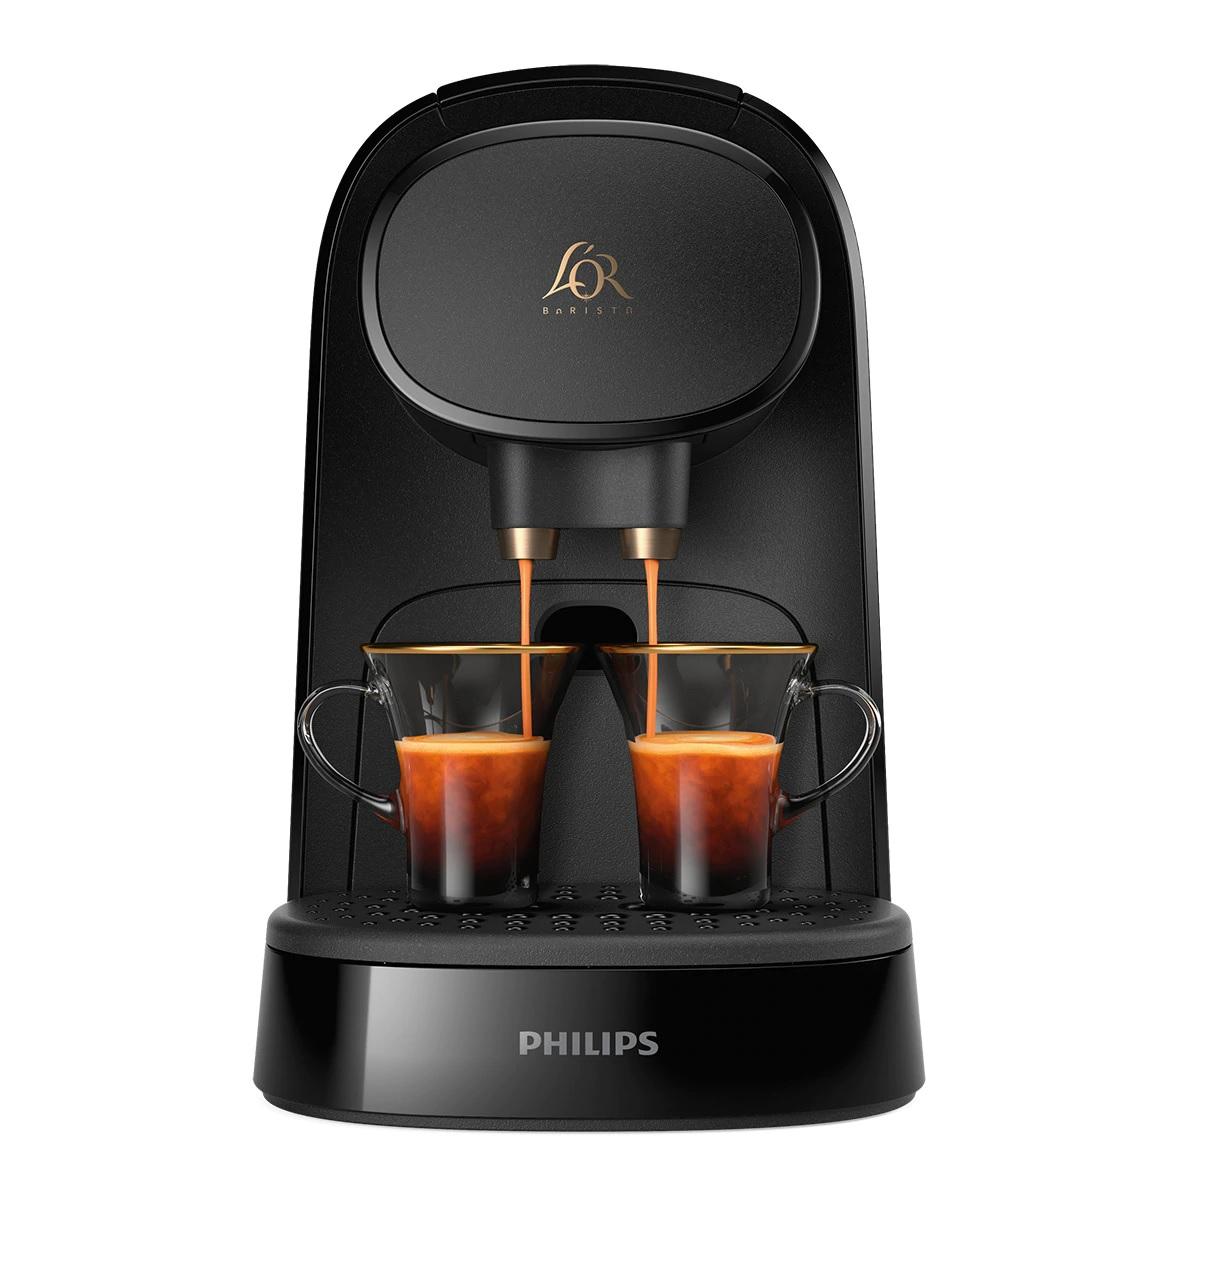 Cafetera espresso automática de Philips L'OR